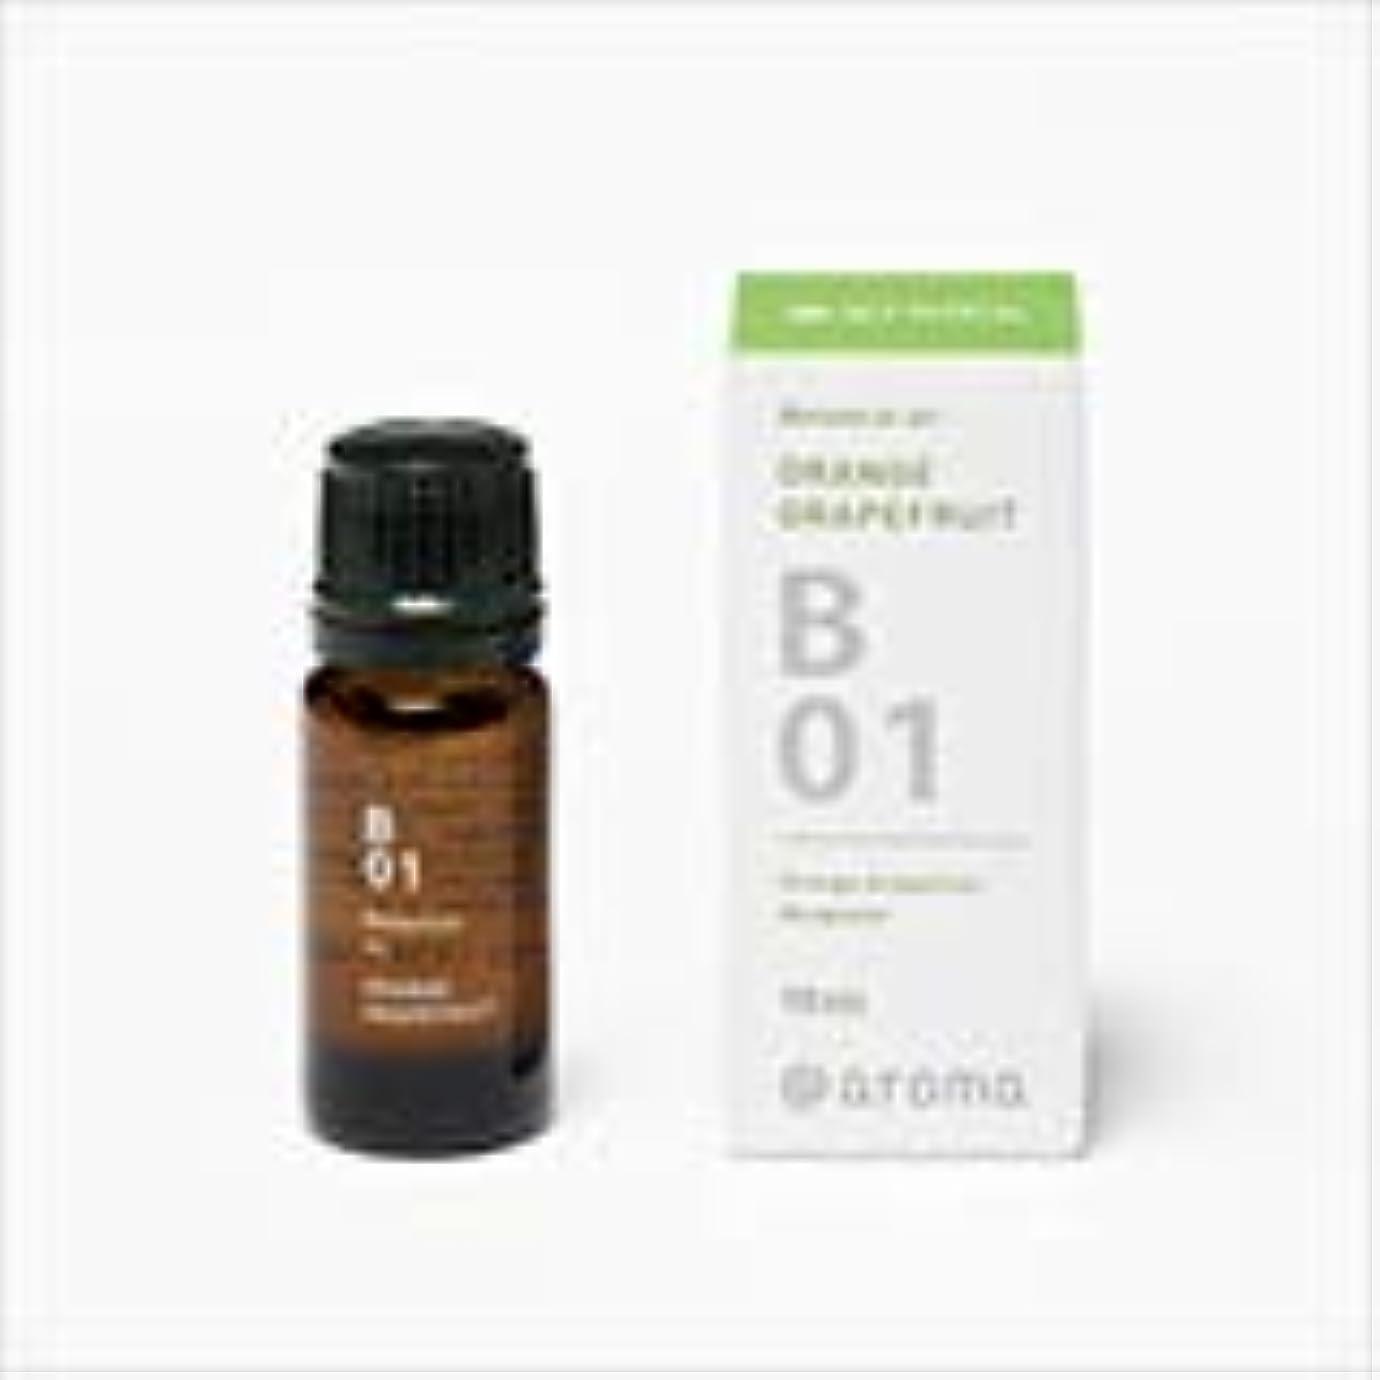 構造ロープただアットアロマ 100%pure essential oil <Botanical air ジュニパーシダー>